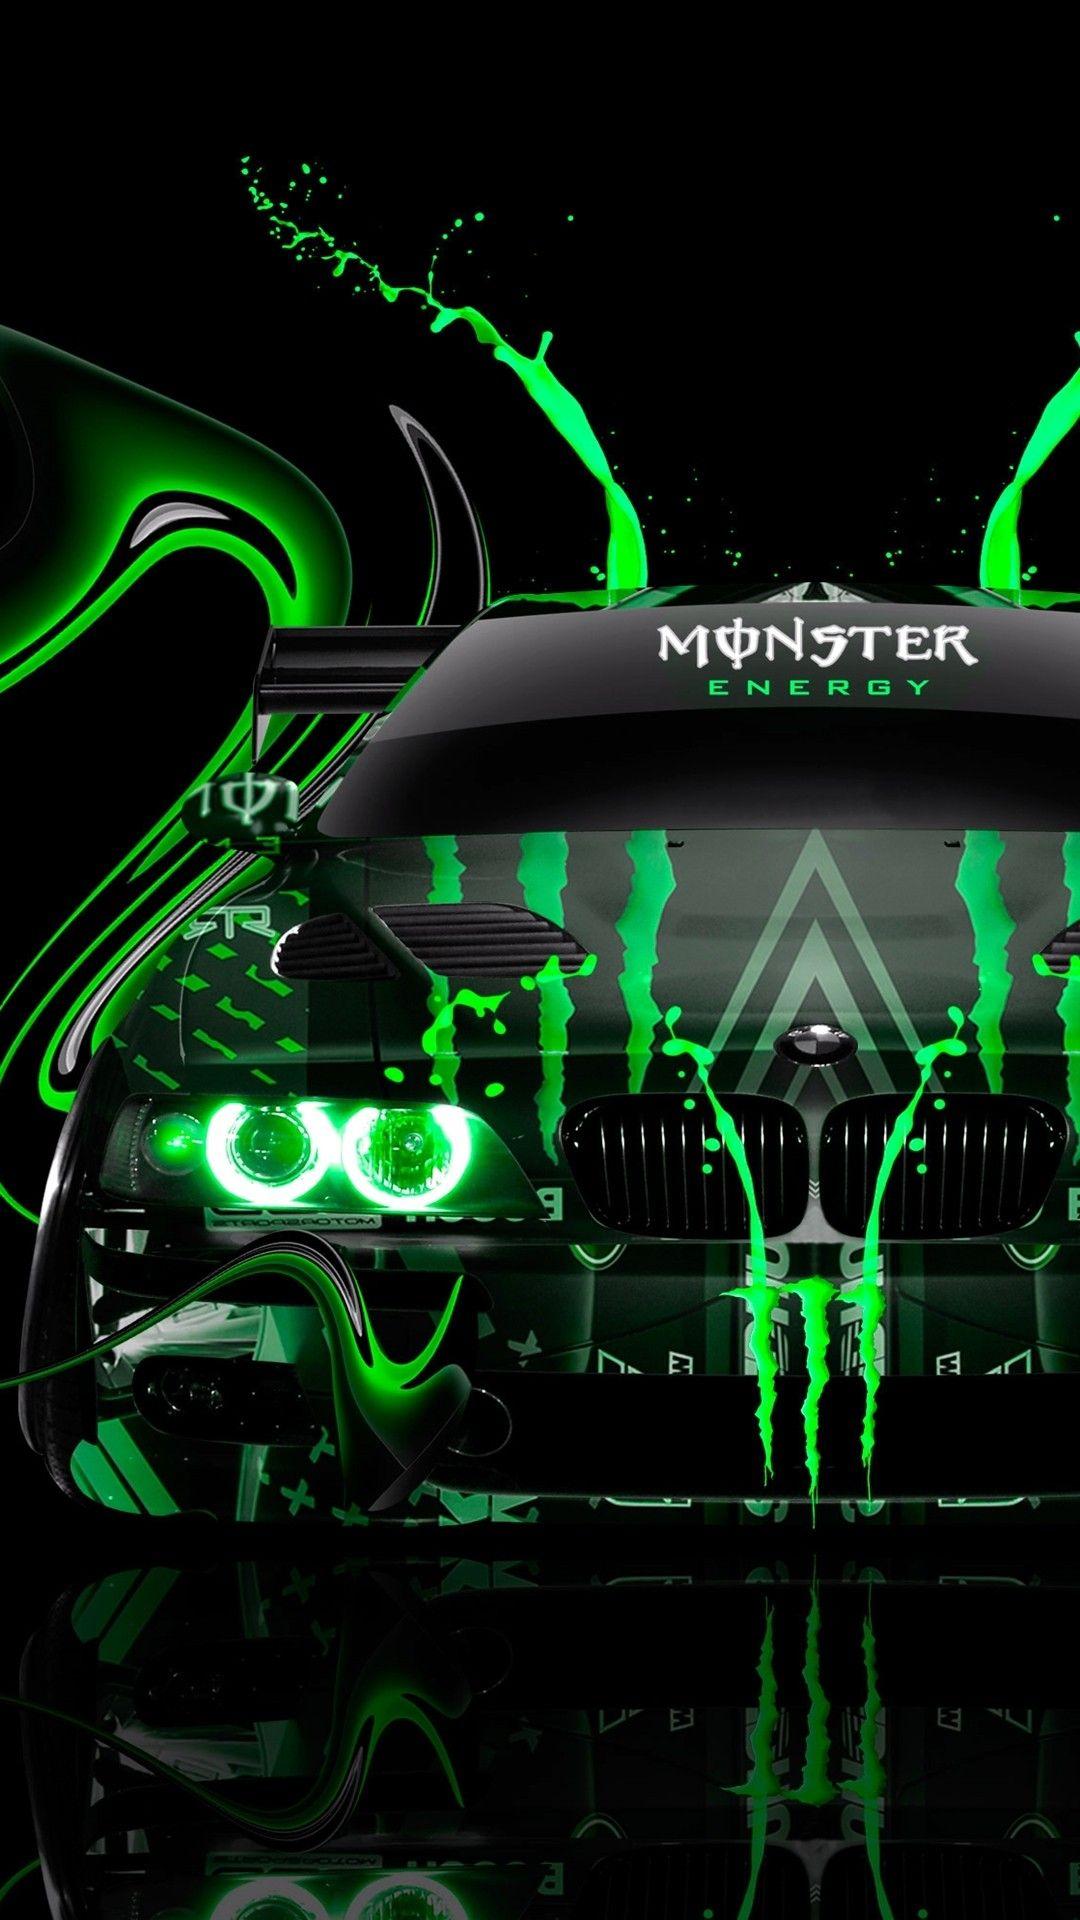 Monsterenergy の画像 投稿者 悶 彡 さん モンスター